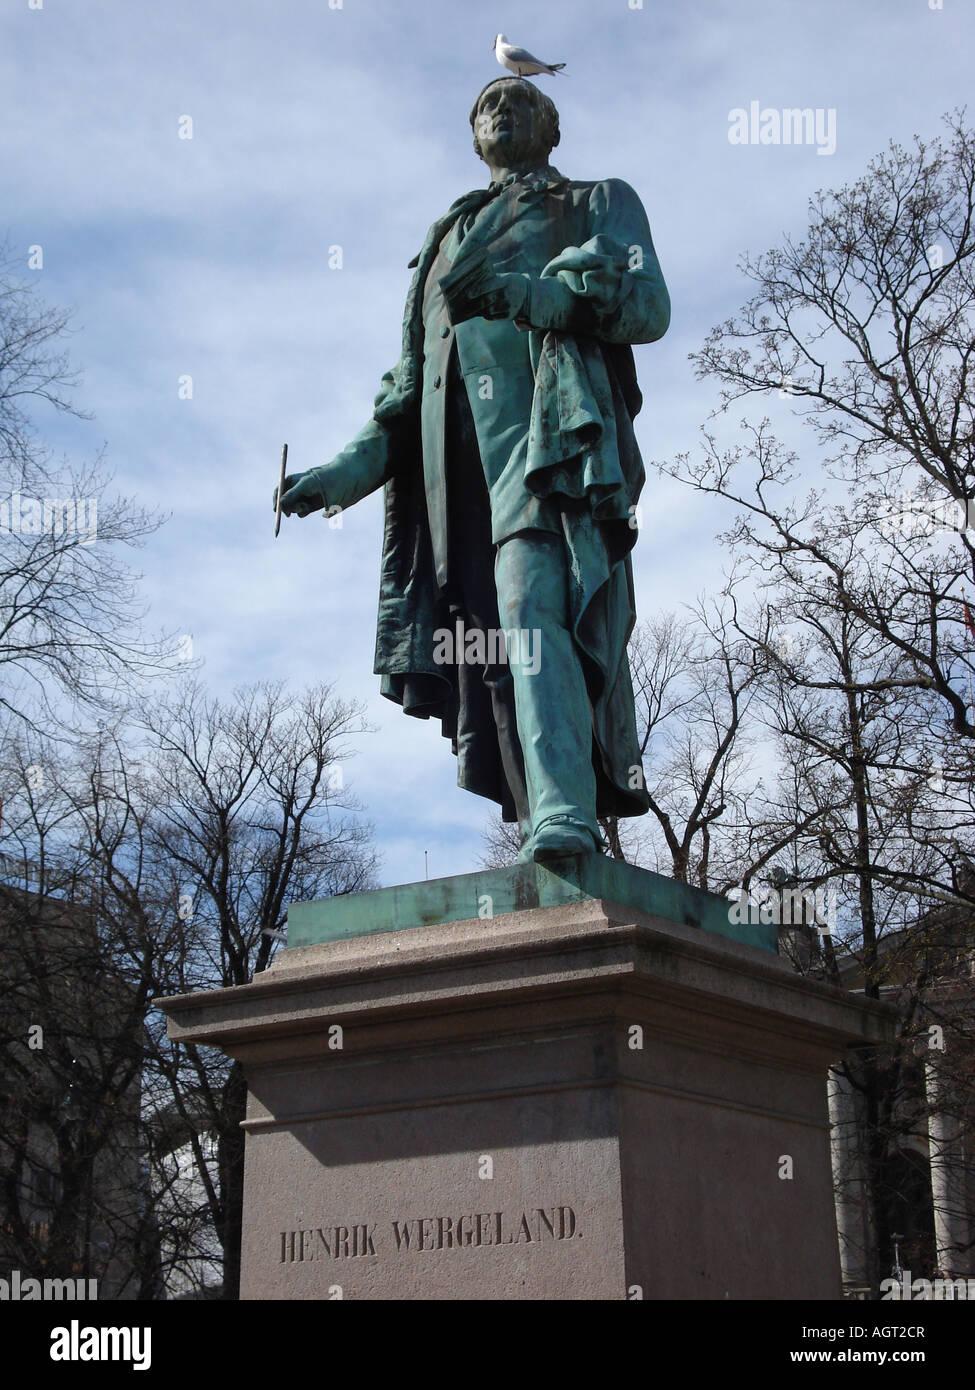 Statua di Henrik Wergeland al piccione sulla sua testa, Oslo, Norvegia Immagini Stock